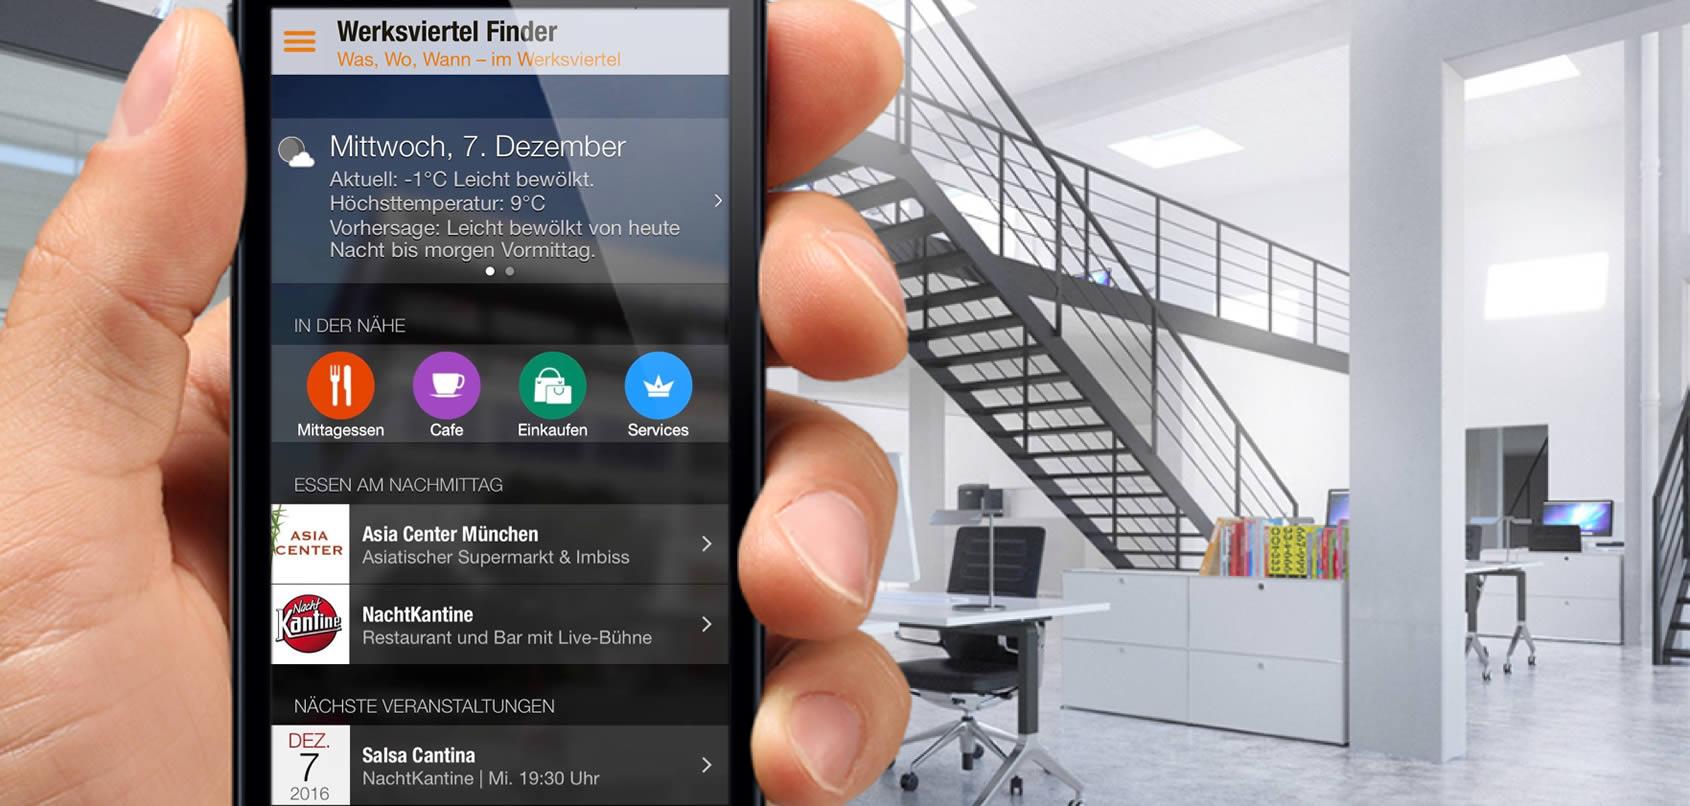 Werksviertel Finder Werksviertel App